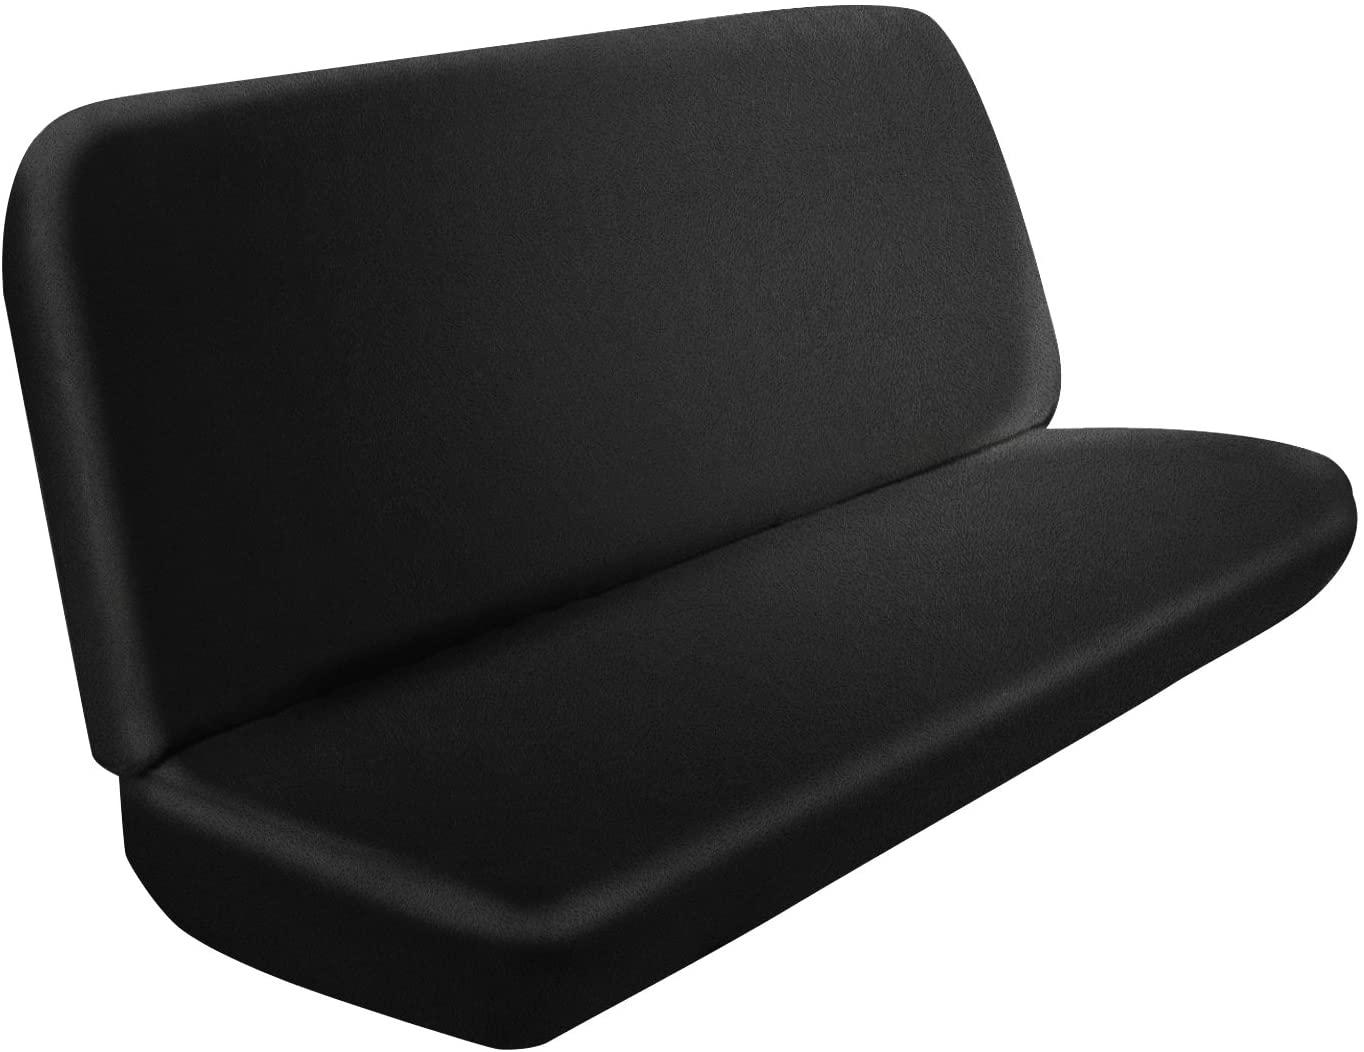 Pilot Automotive SC-551ESH Seat Cover